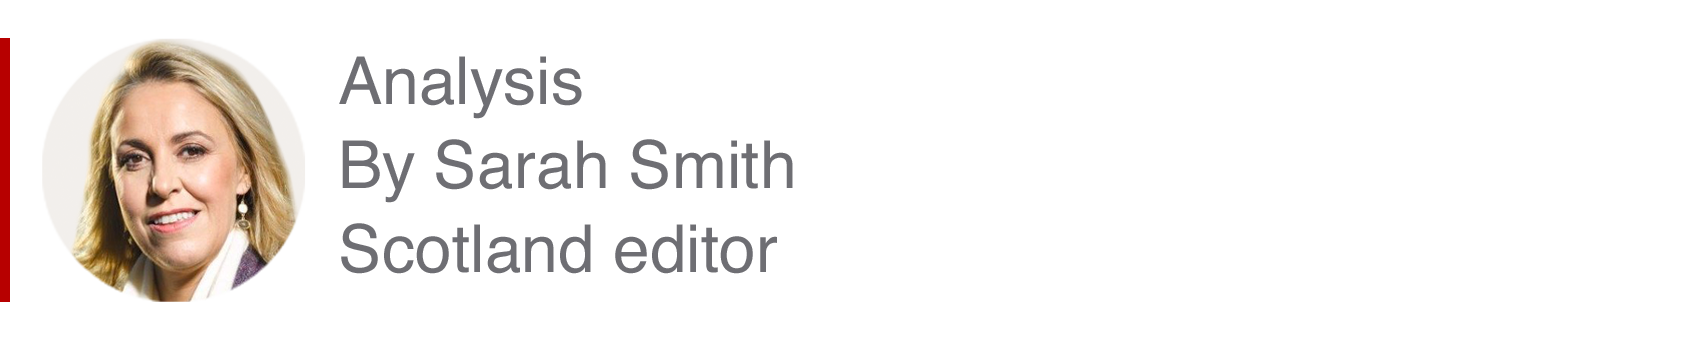 Analysis box by Sarah Smith, Scotland editor